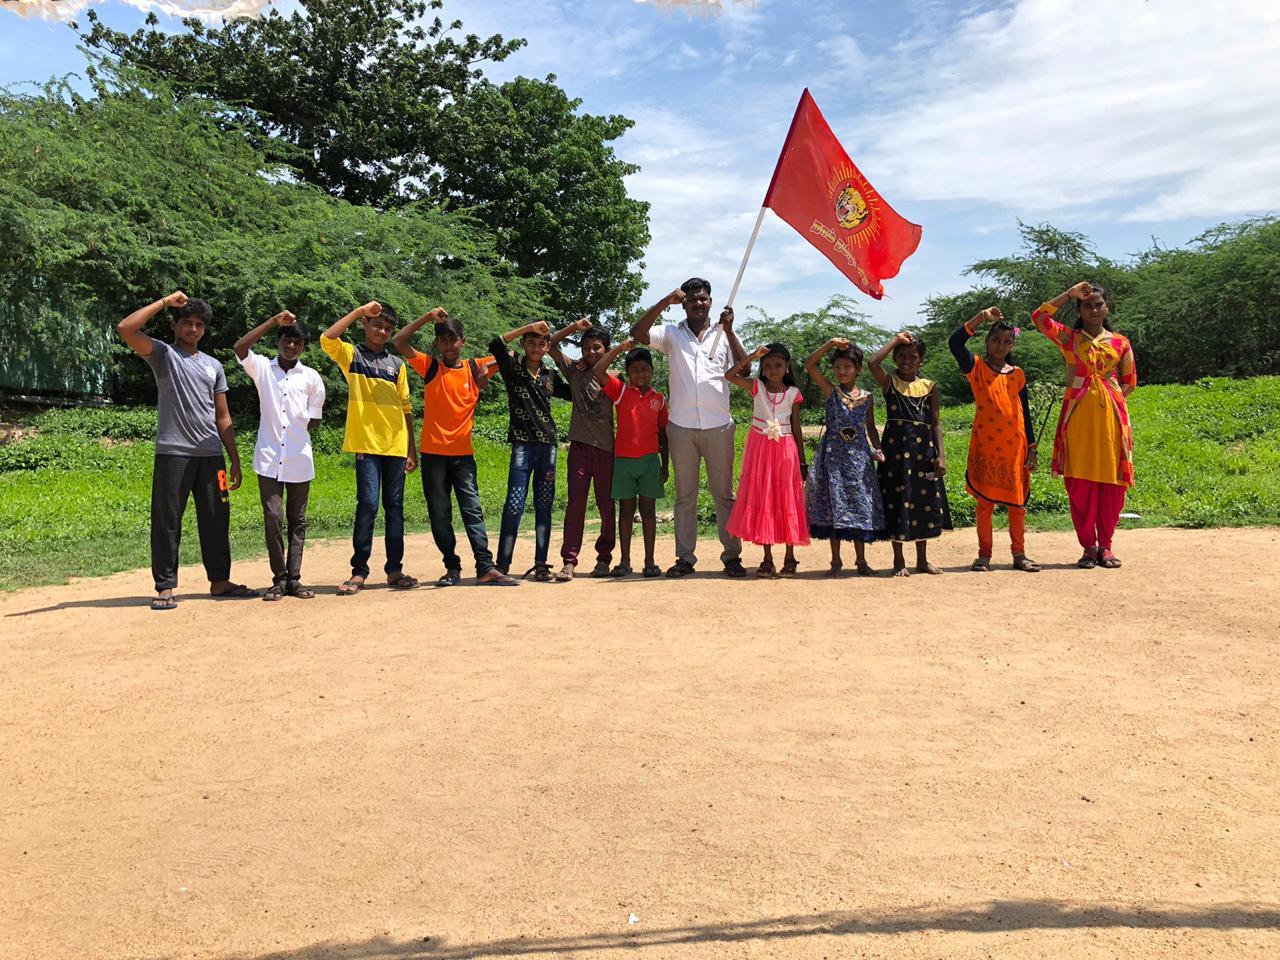 பனை விதை நடும் திருவிழா-திருவள்ளூர் சட்டமன்றத் தொகுதி